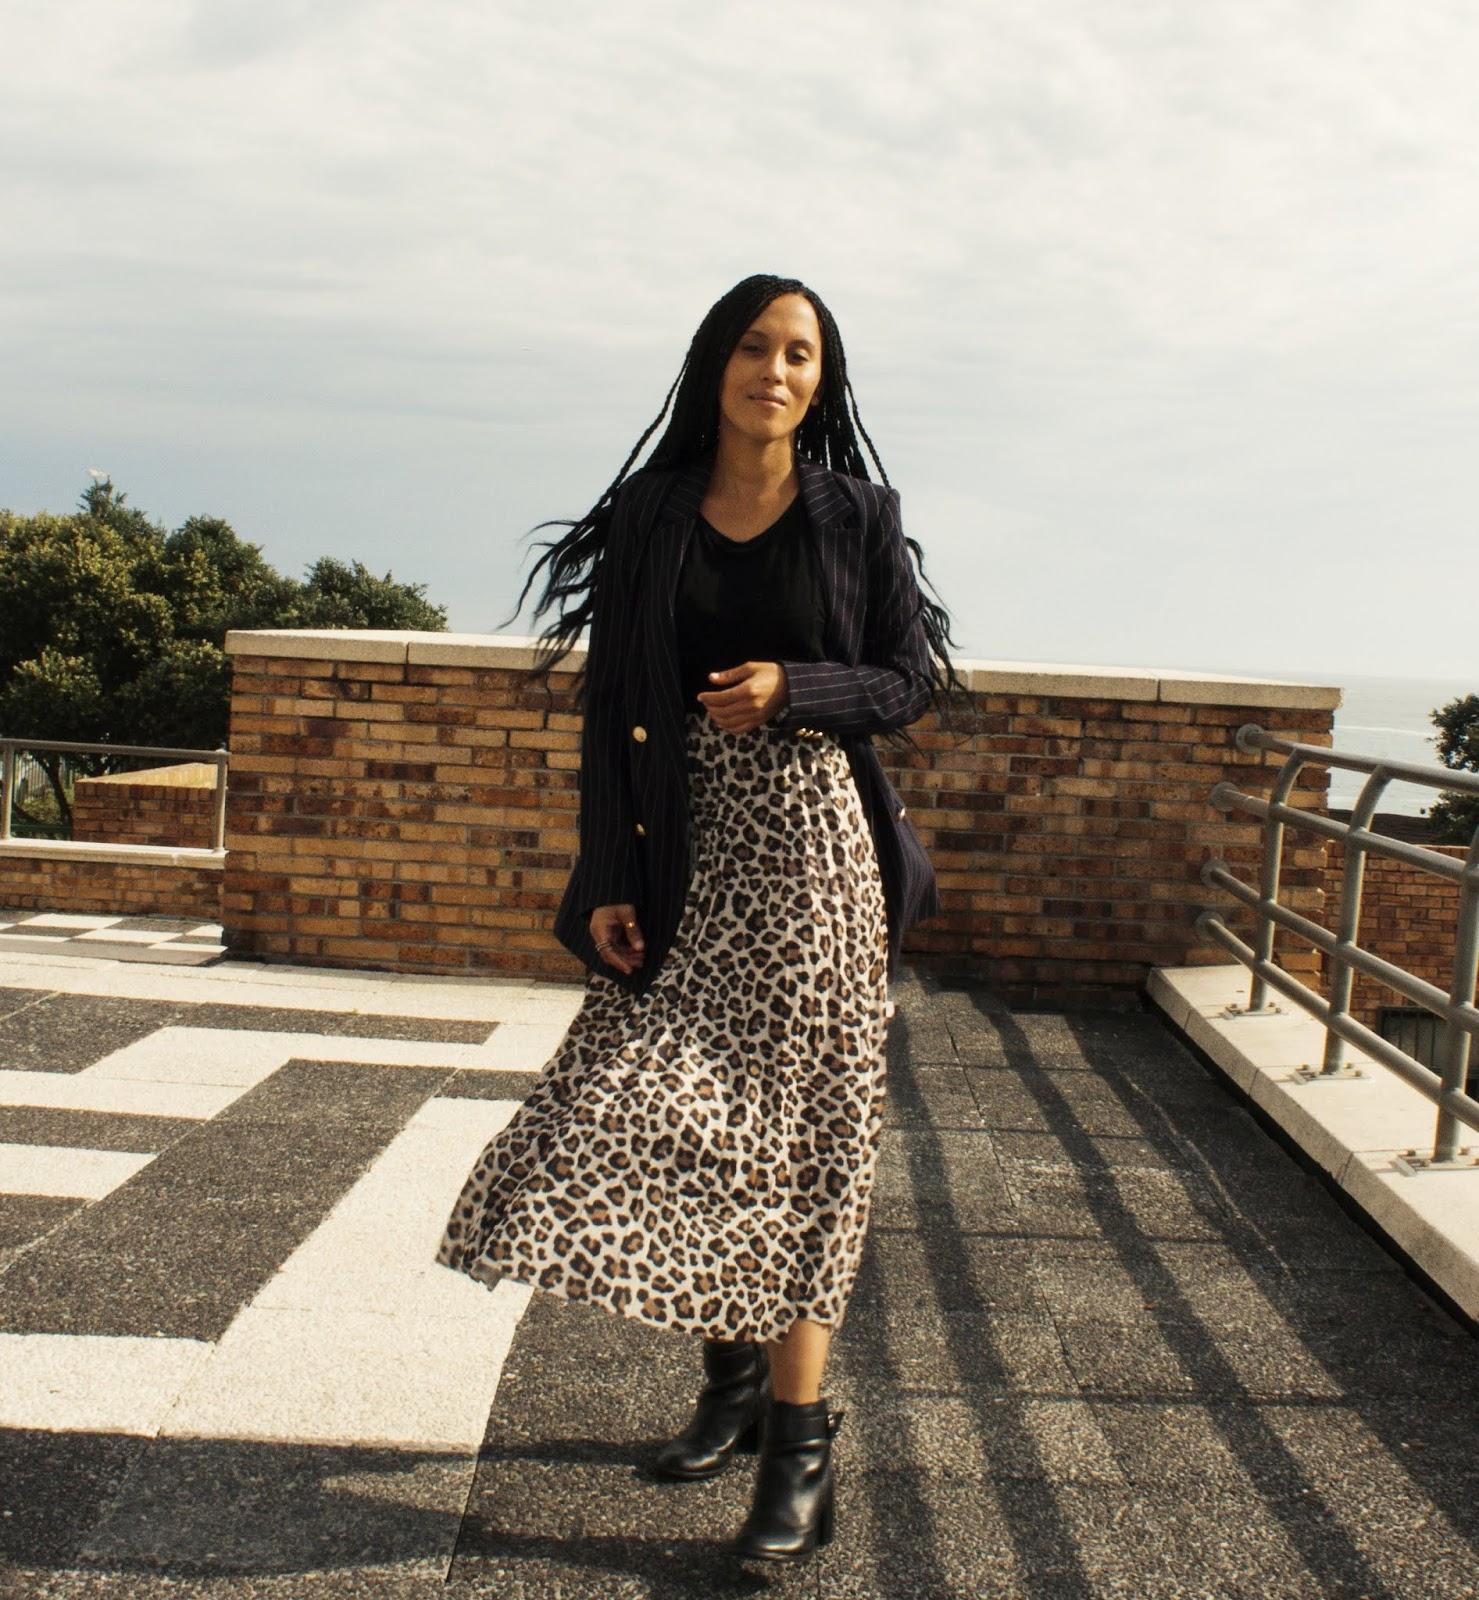 Liezel-Esquire-how-to-wear-leopard-print-skirt